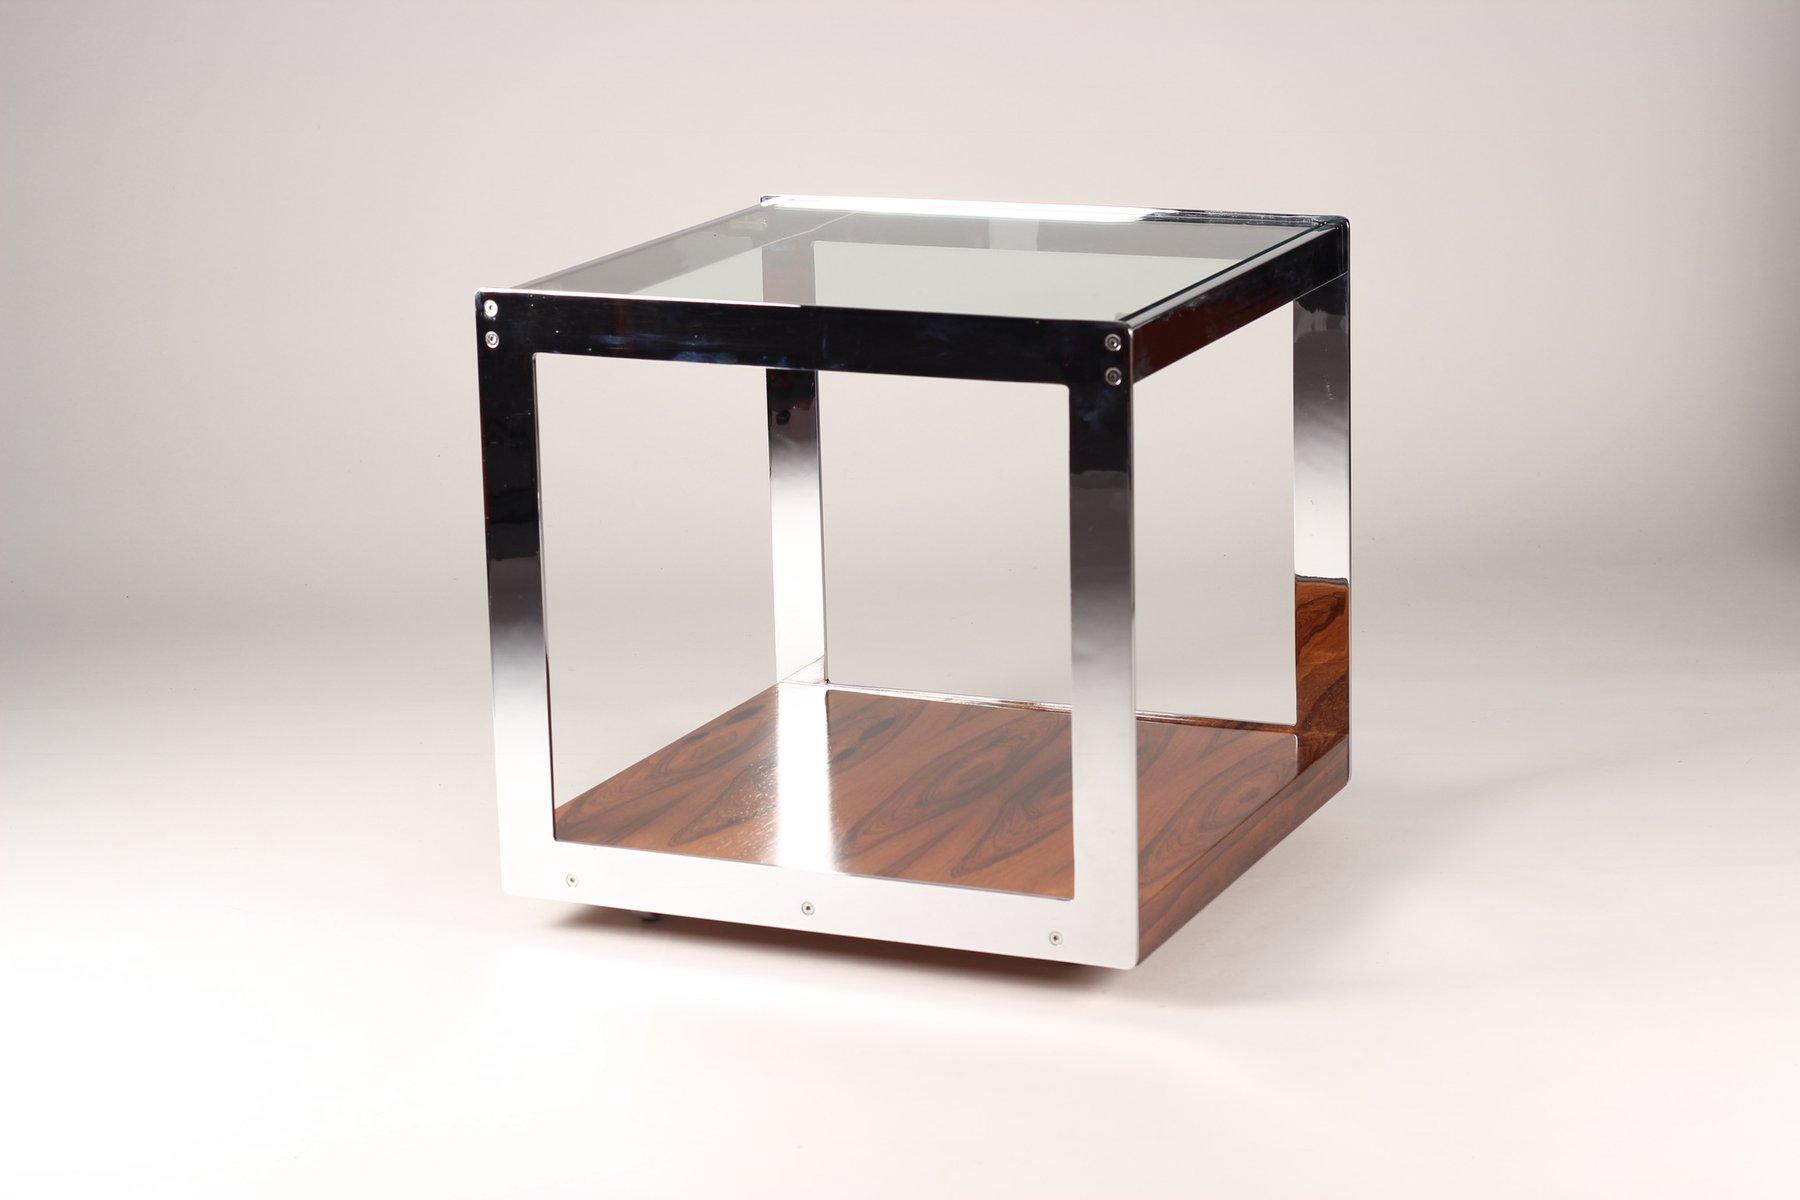 Bemerkenswert Glasbeistelltisch Dekoration Von Mid-century Palisander Chrom & Glas Beistelltisch Von